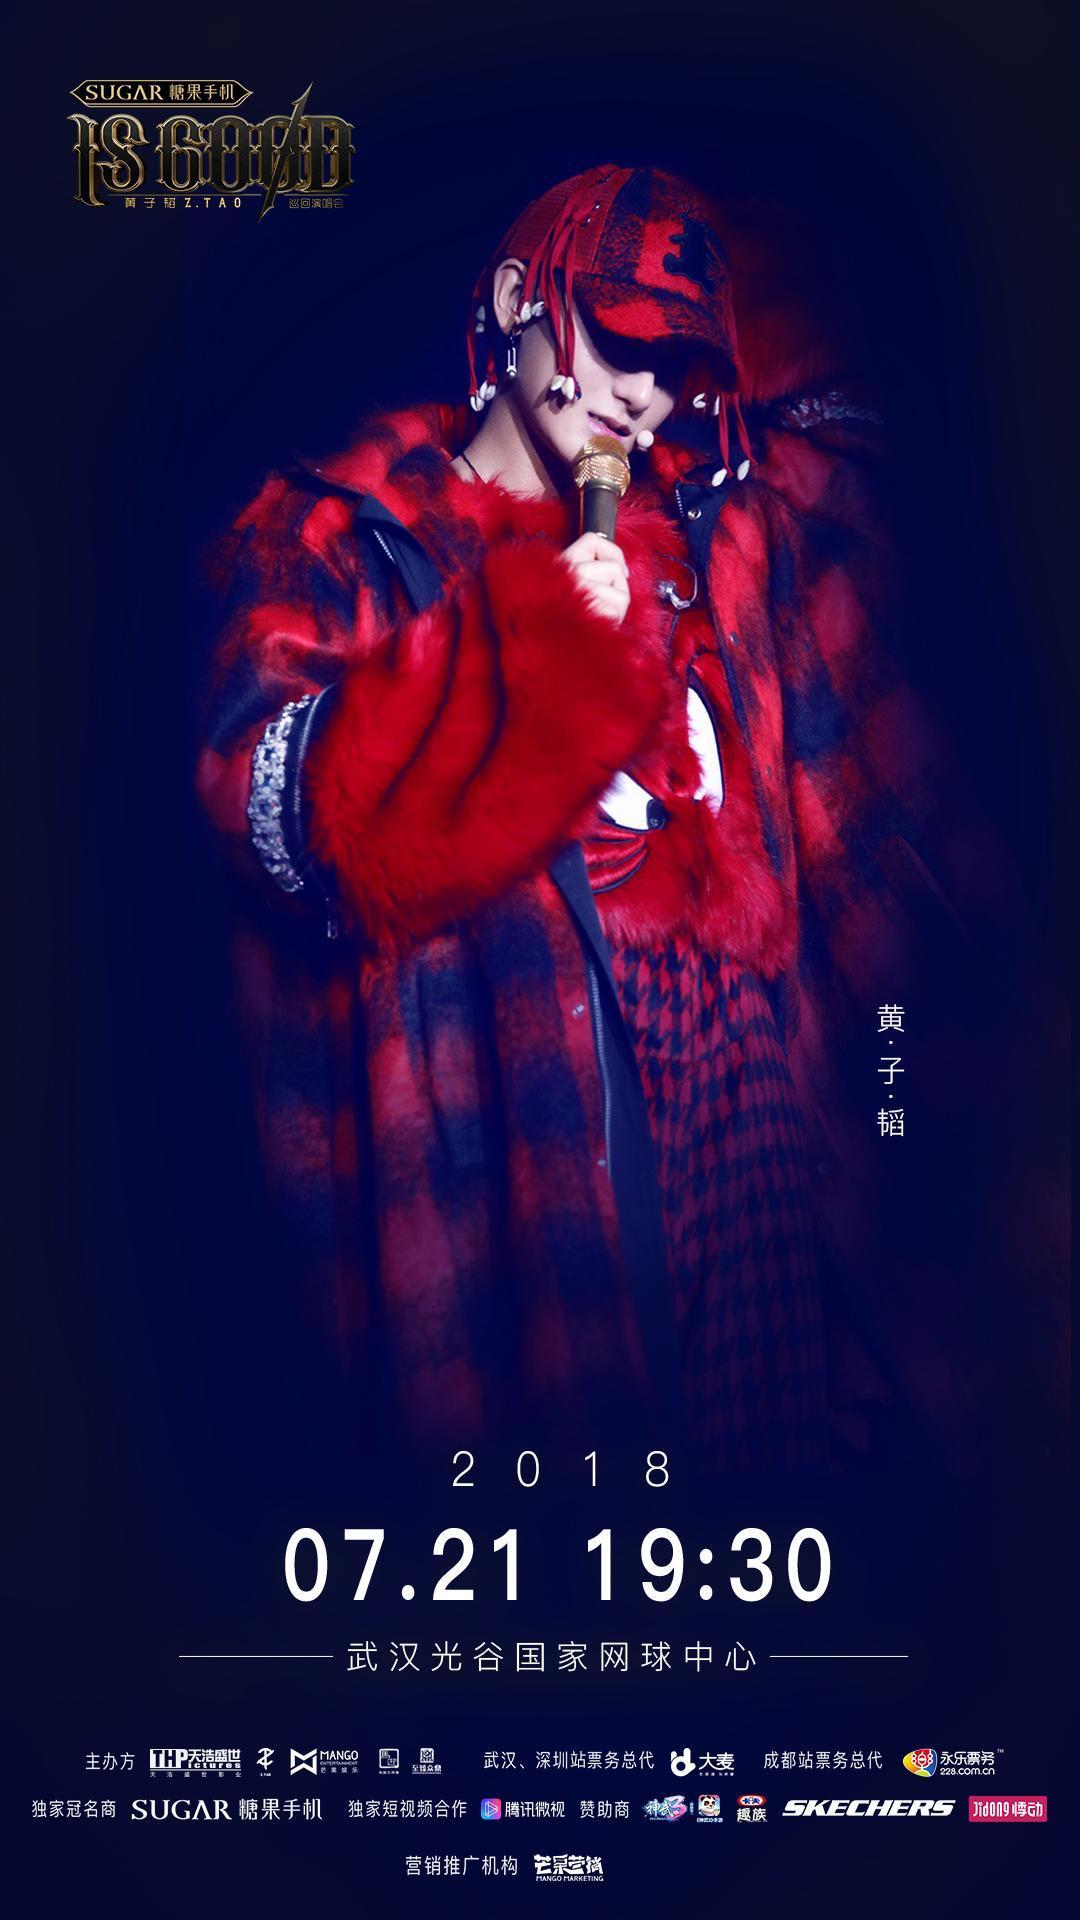 """黄子韬2018巡回演唱会武汉站持续热卖,即将再现""""惊喜舞台"""""""